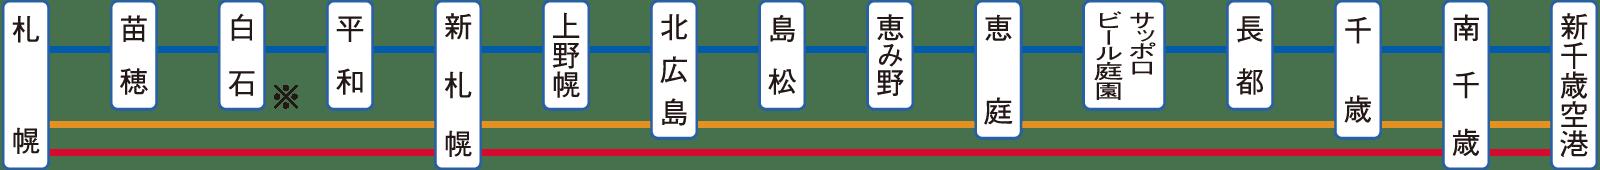 札 駅 から 新 千歳 空港